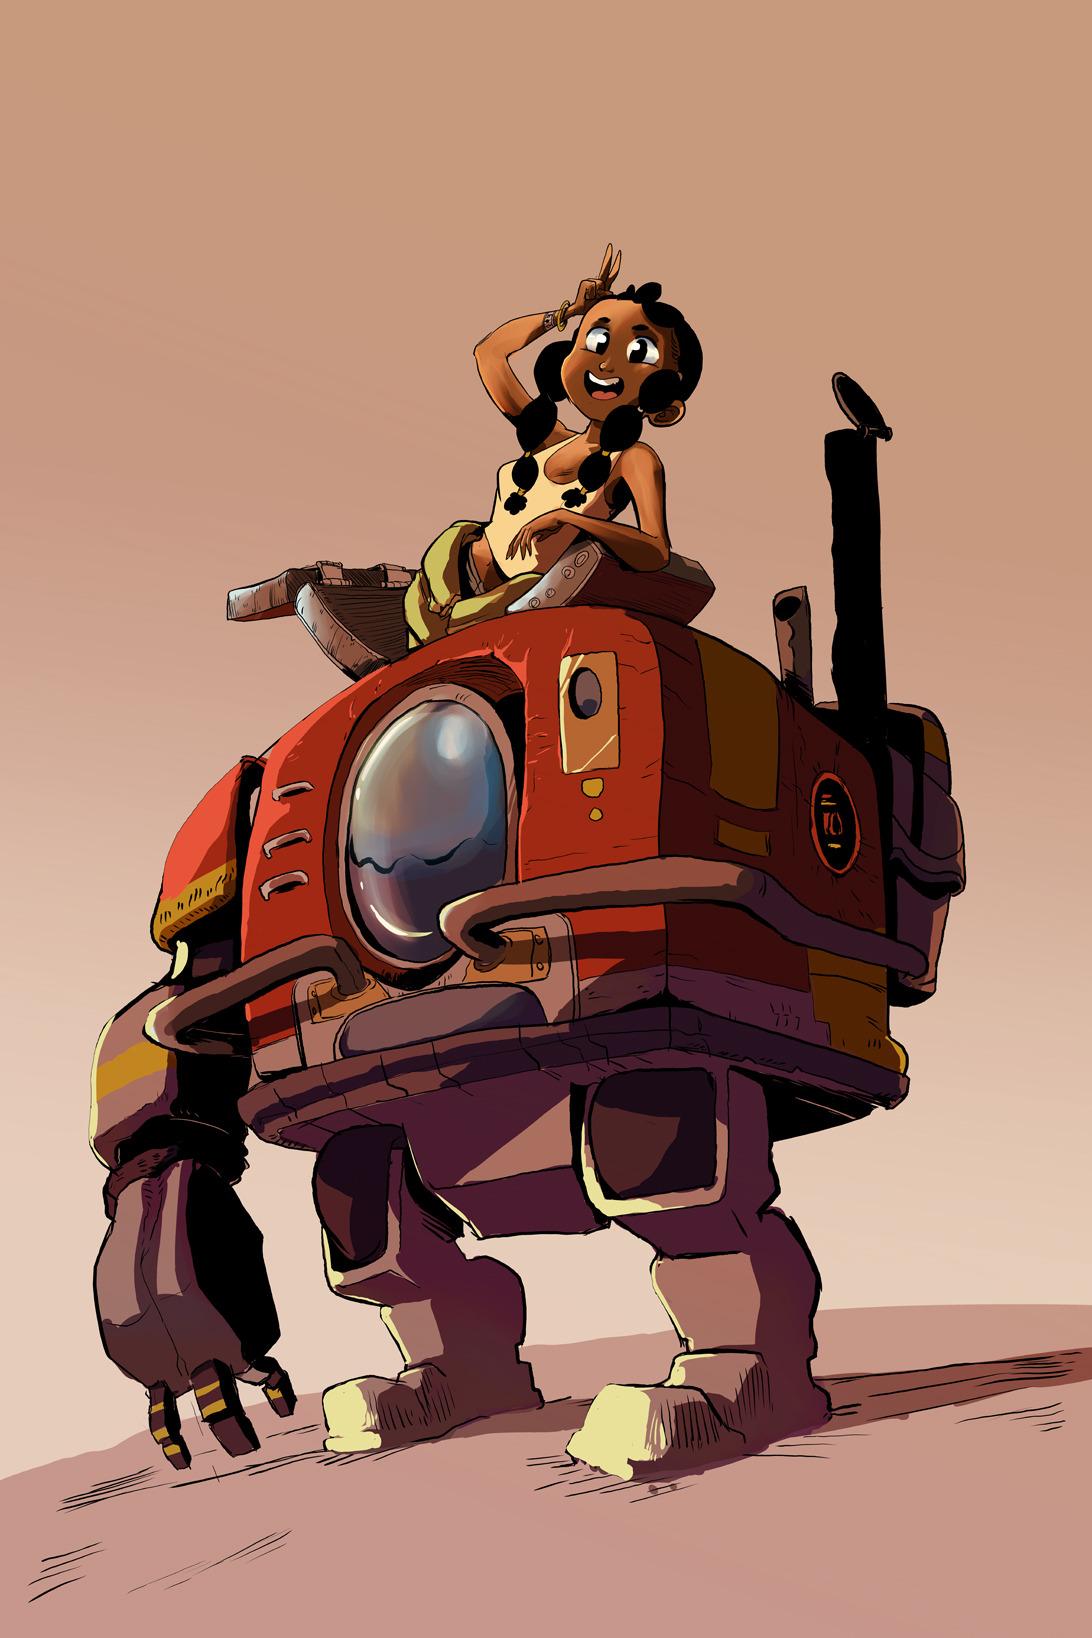 Bertie, and her robot